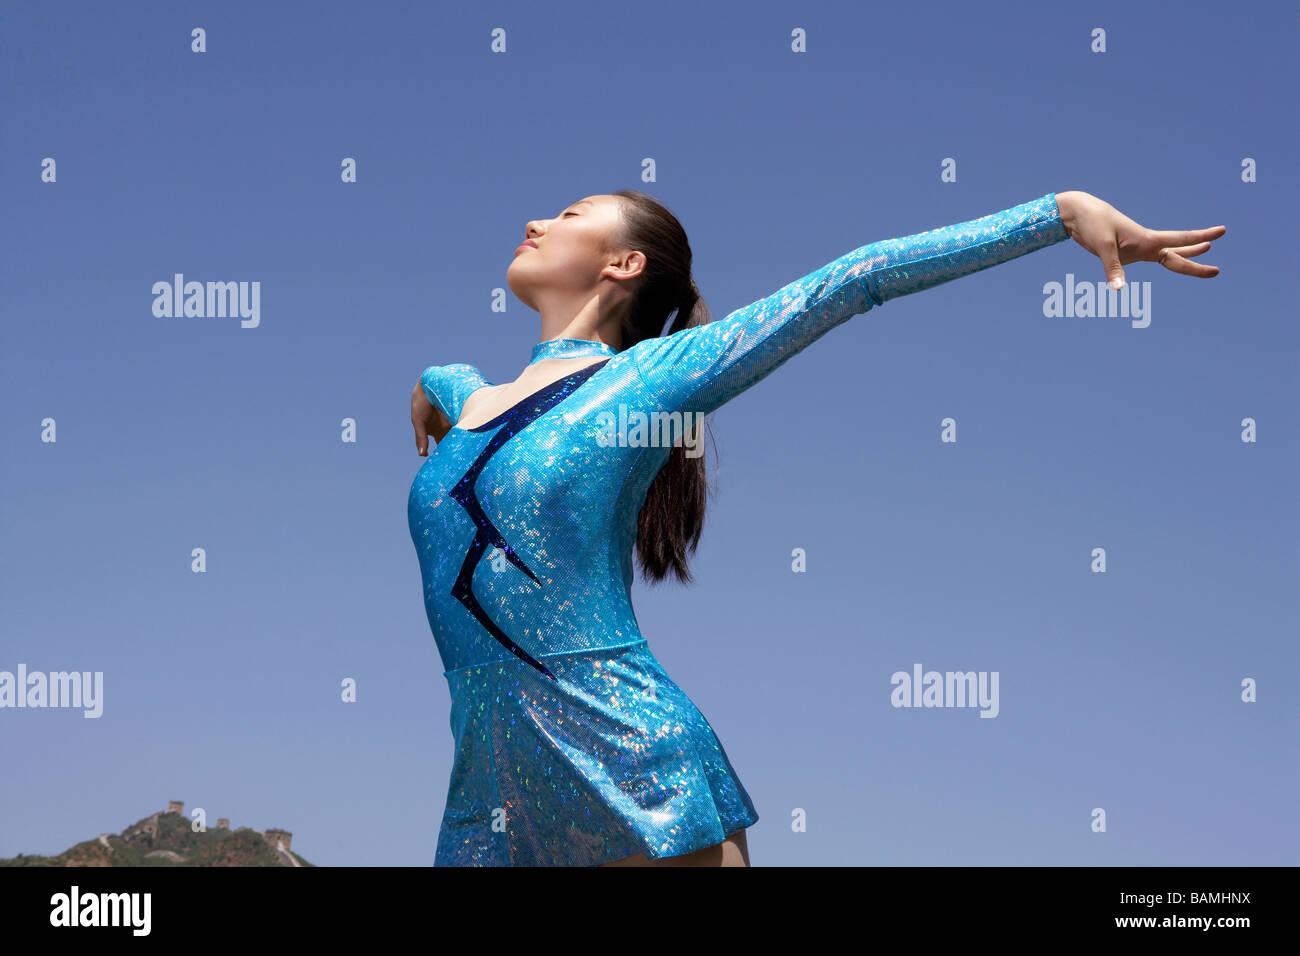 Donna praticare ginnastica sulla Grande Muraglia Della Cina Immagini Stock